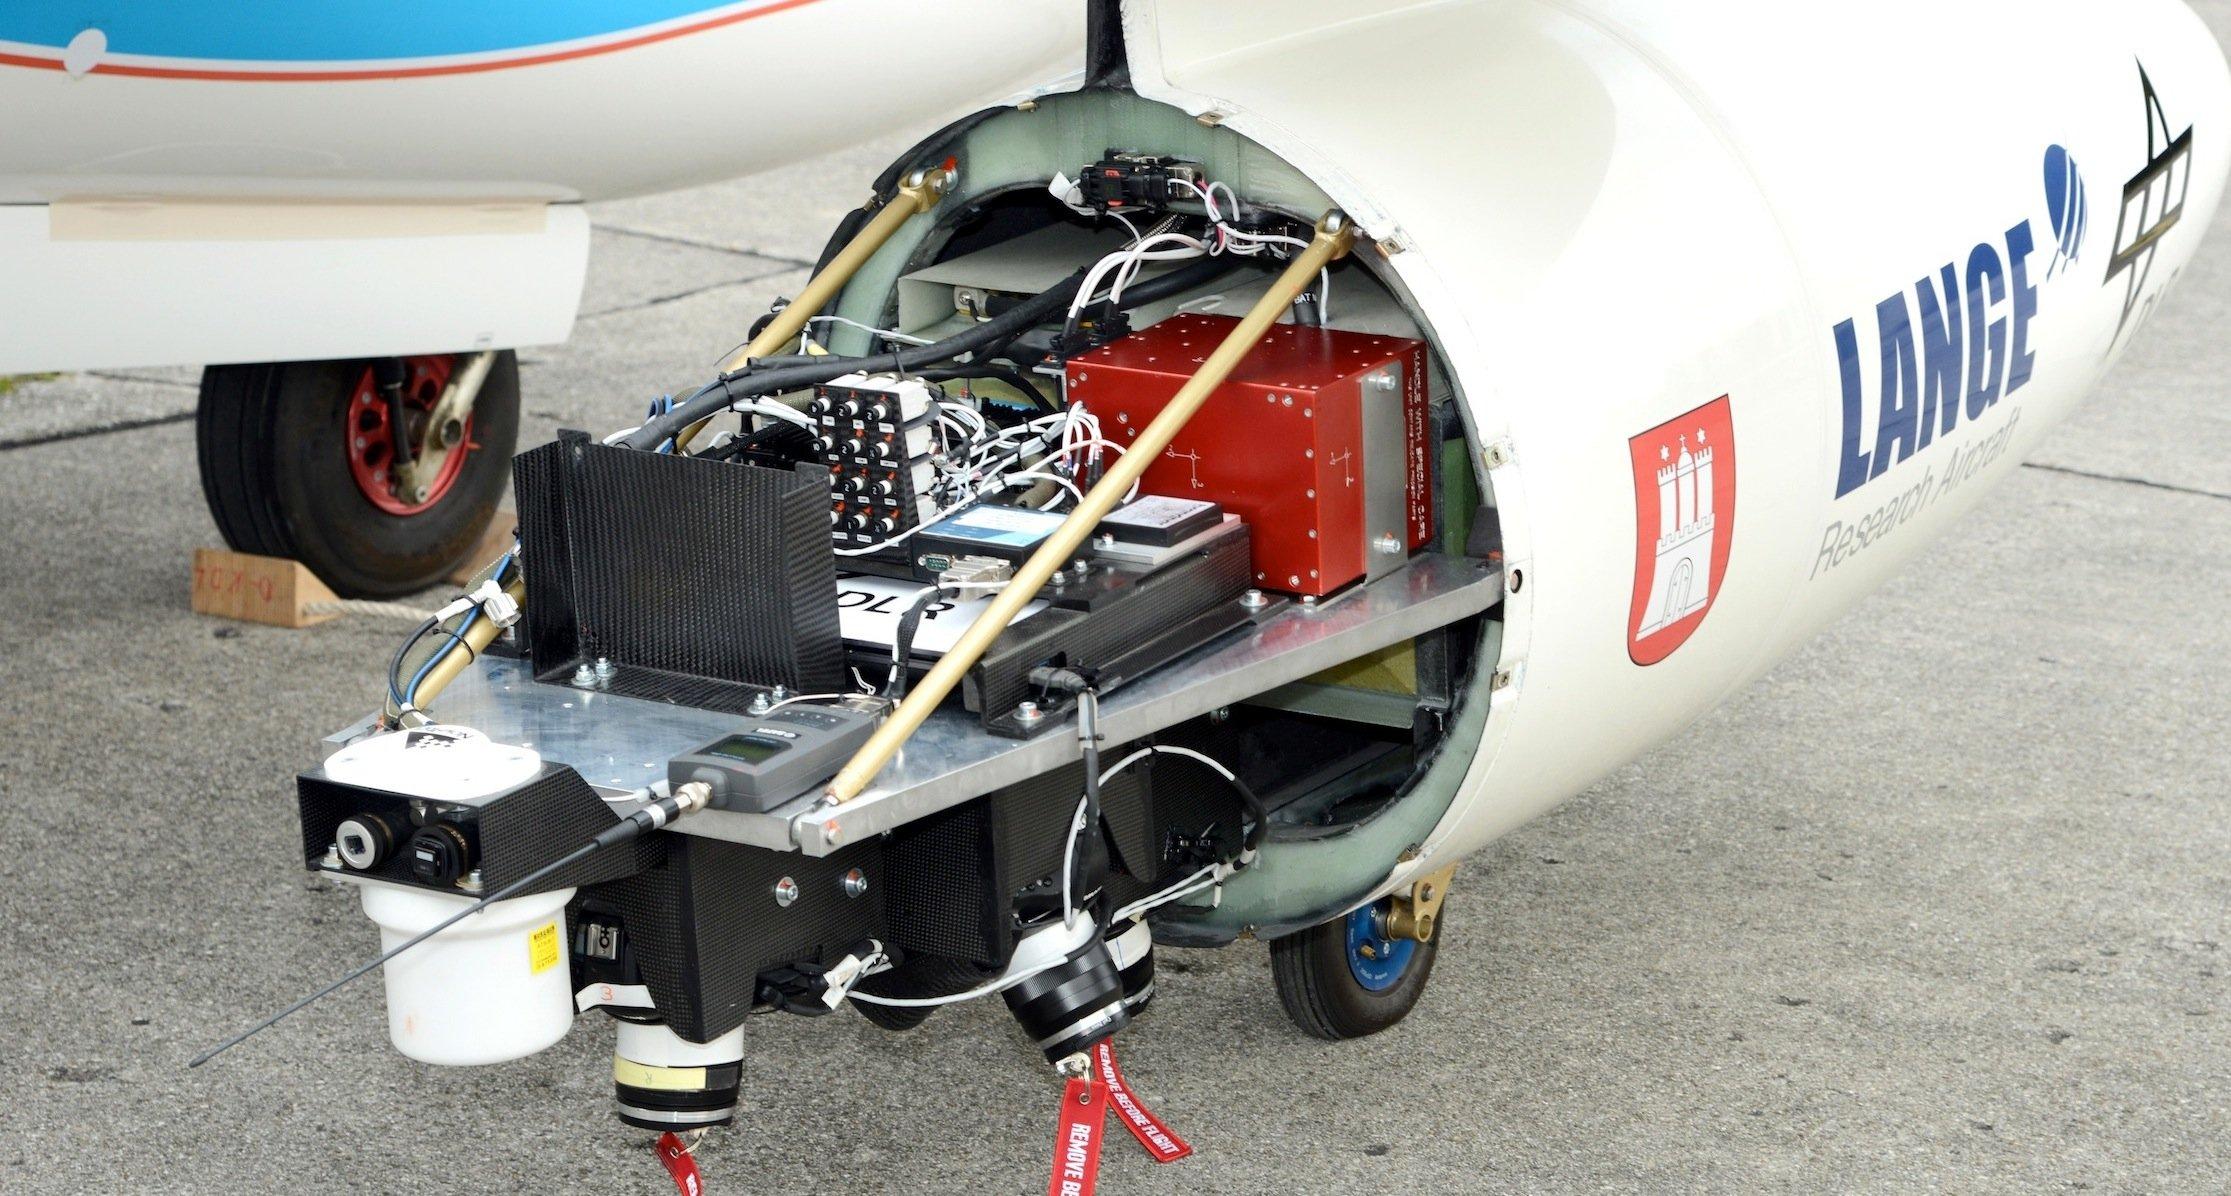 Das Kamerasystem ist in der Spitze eines der Außenlastbehälter untergebracht.